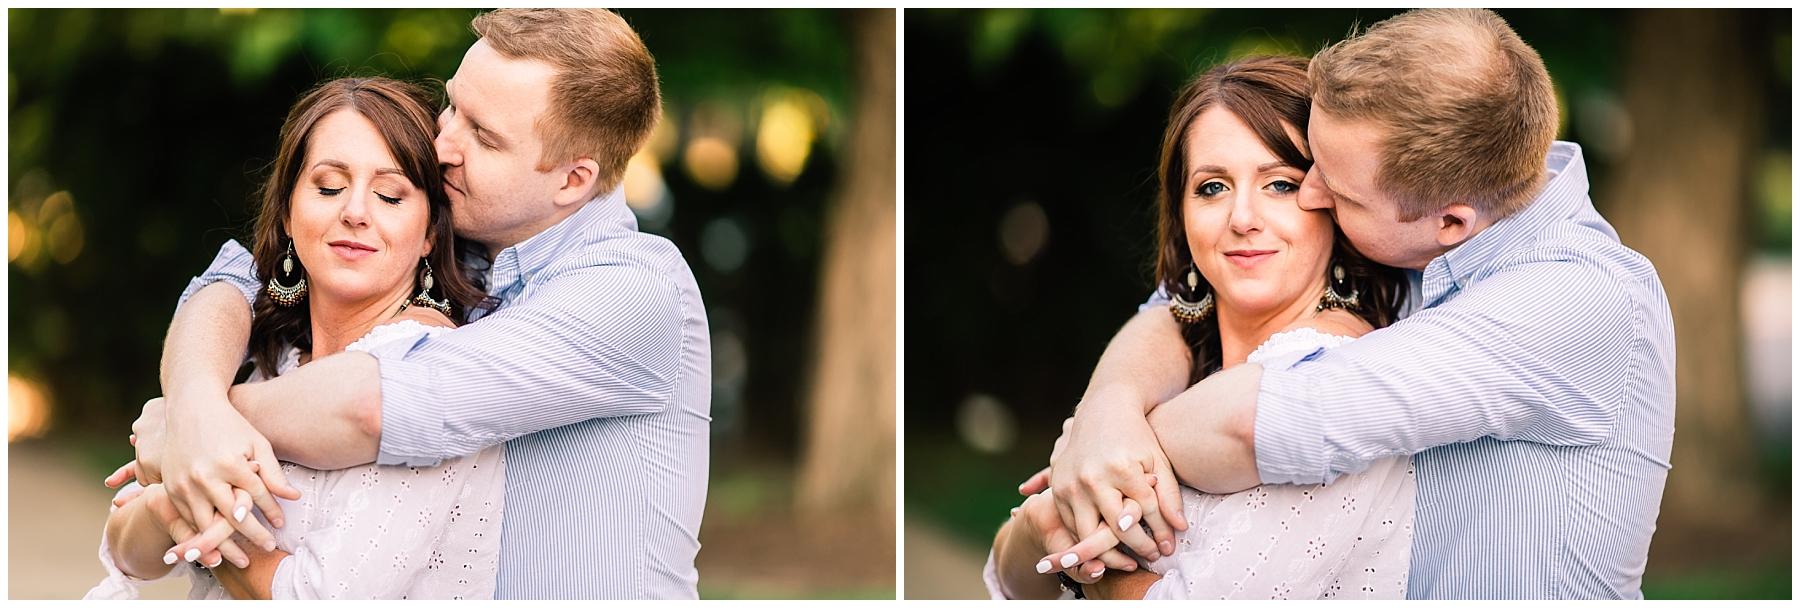 west lafayette indiana engagement wedding photographer purdue alumni engagement photogrpahy aubry and brandon lafayette, indiana_0209.jpg